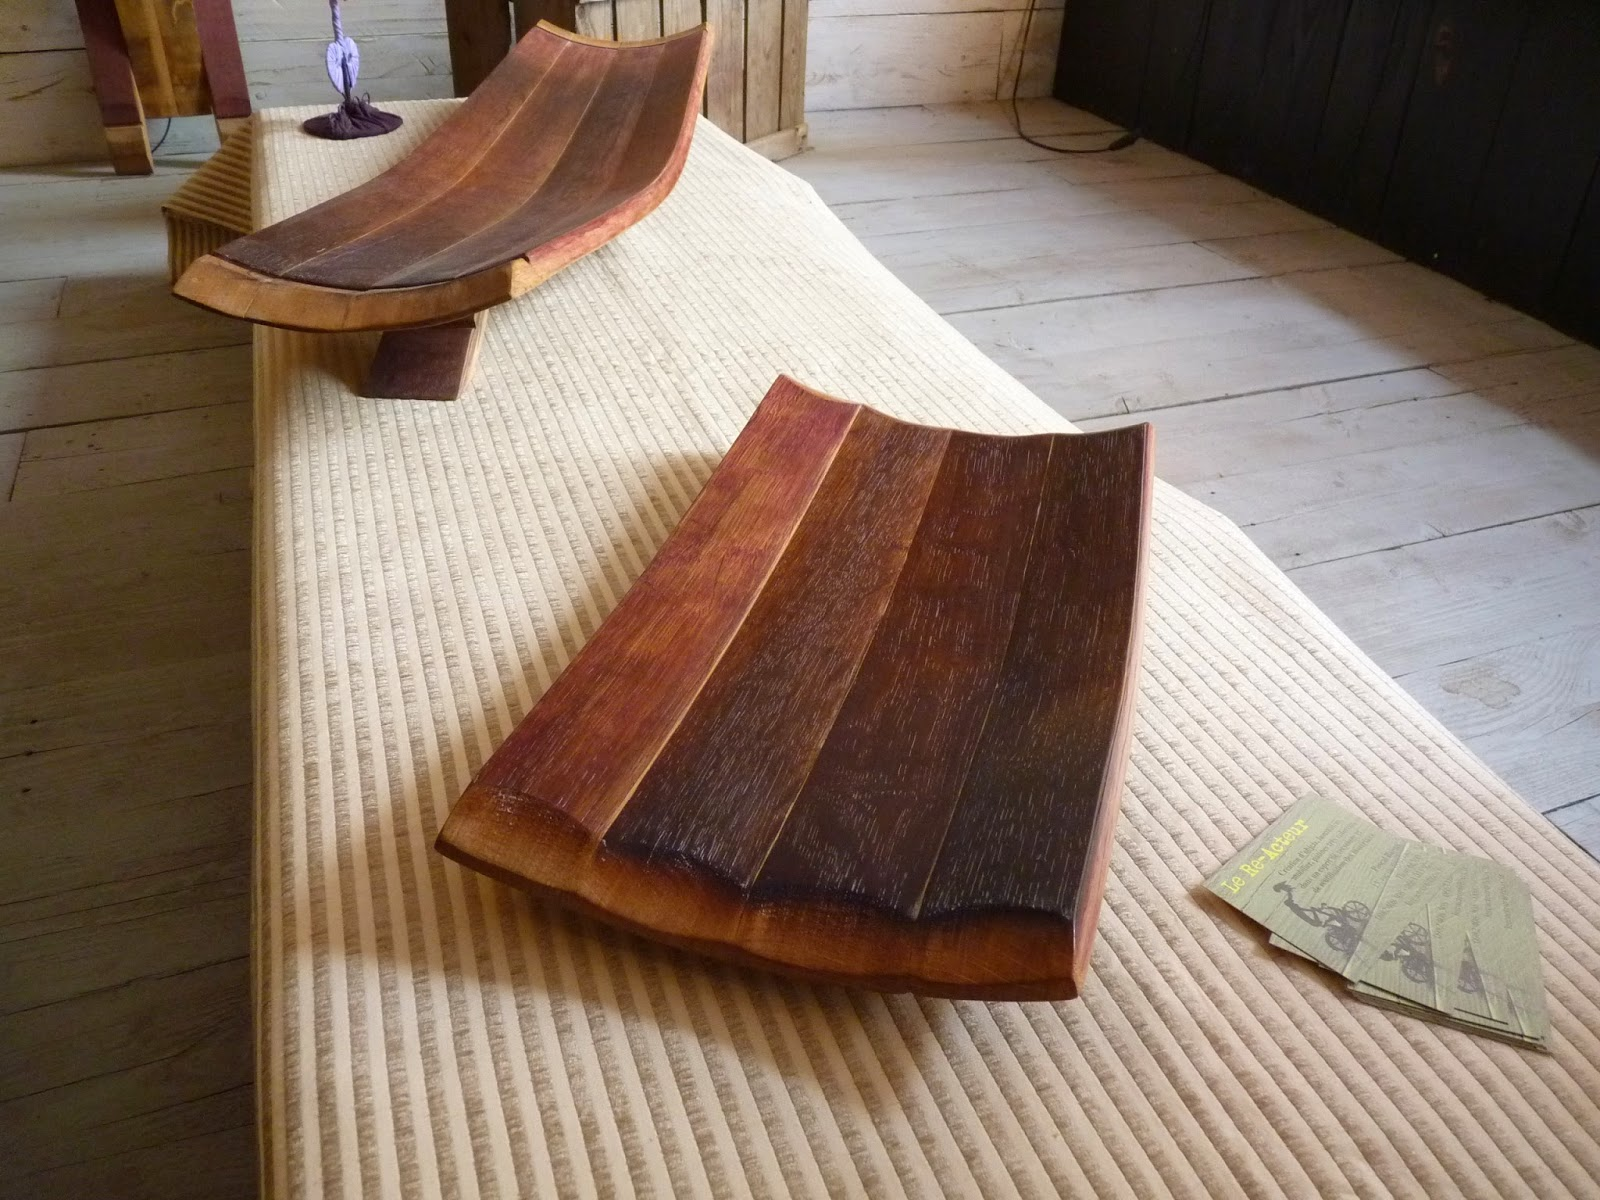 le re acteur plateaux de pr sentation douelle de barrique trays barrel stave presentation. Black Bedroom Furniture Sets. Home Design Ideas